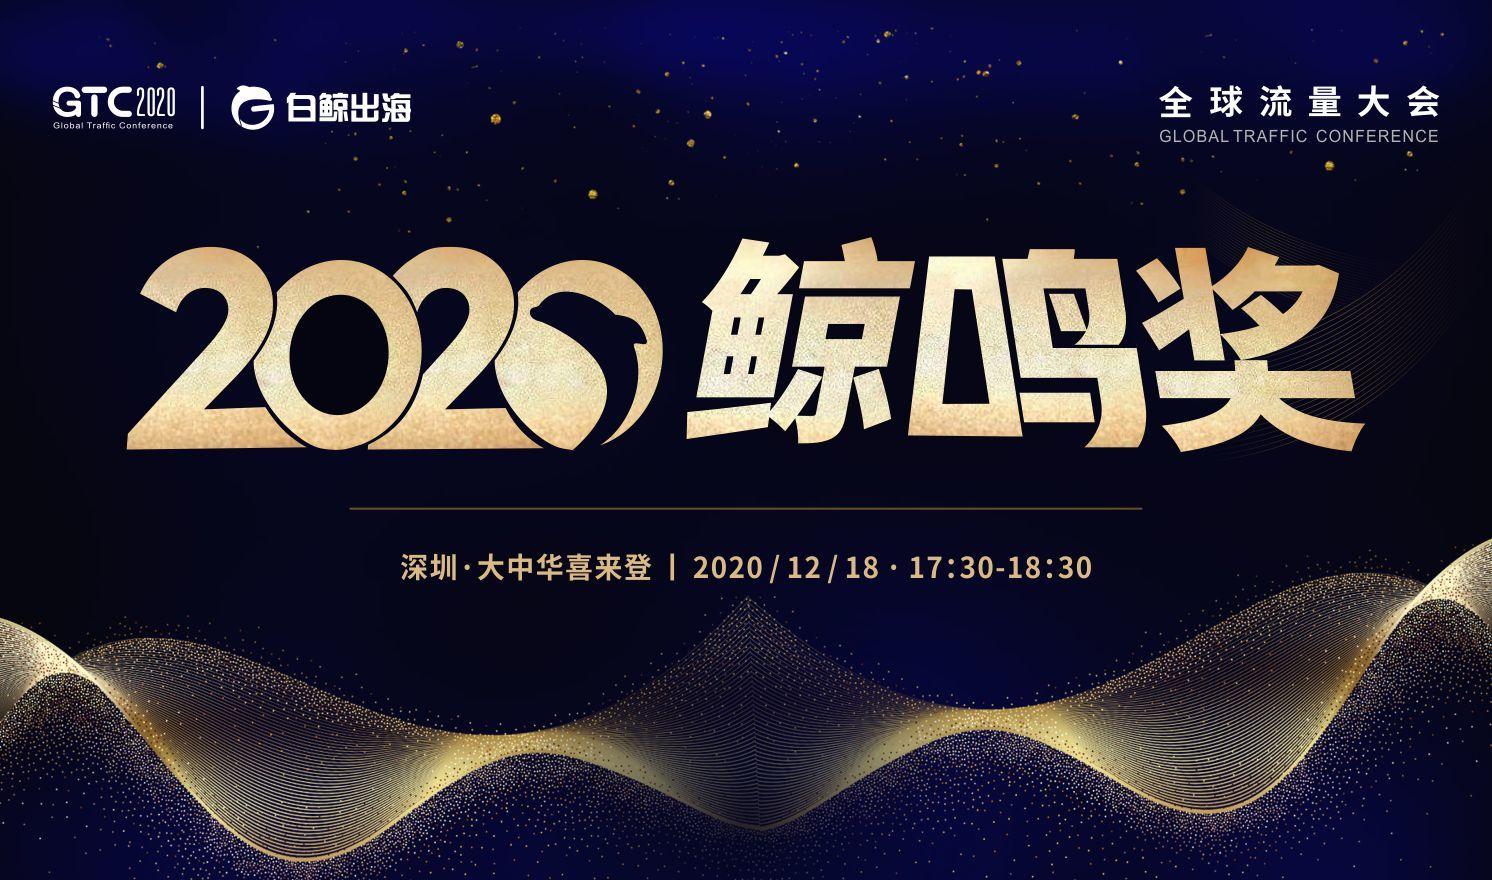 GTC2020全球流量大会-鲸鸣奖(2020-12-18)